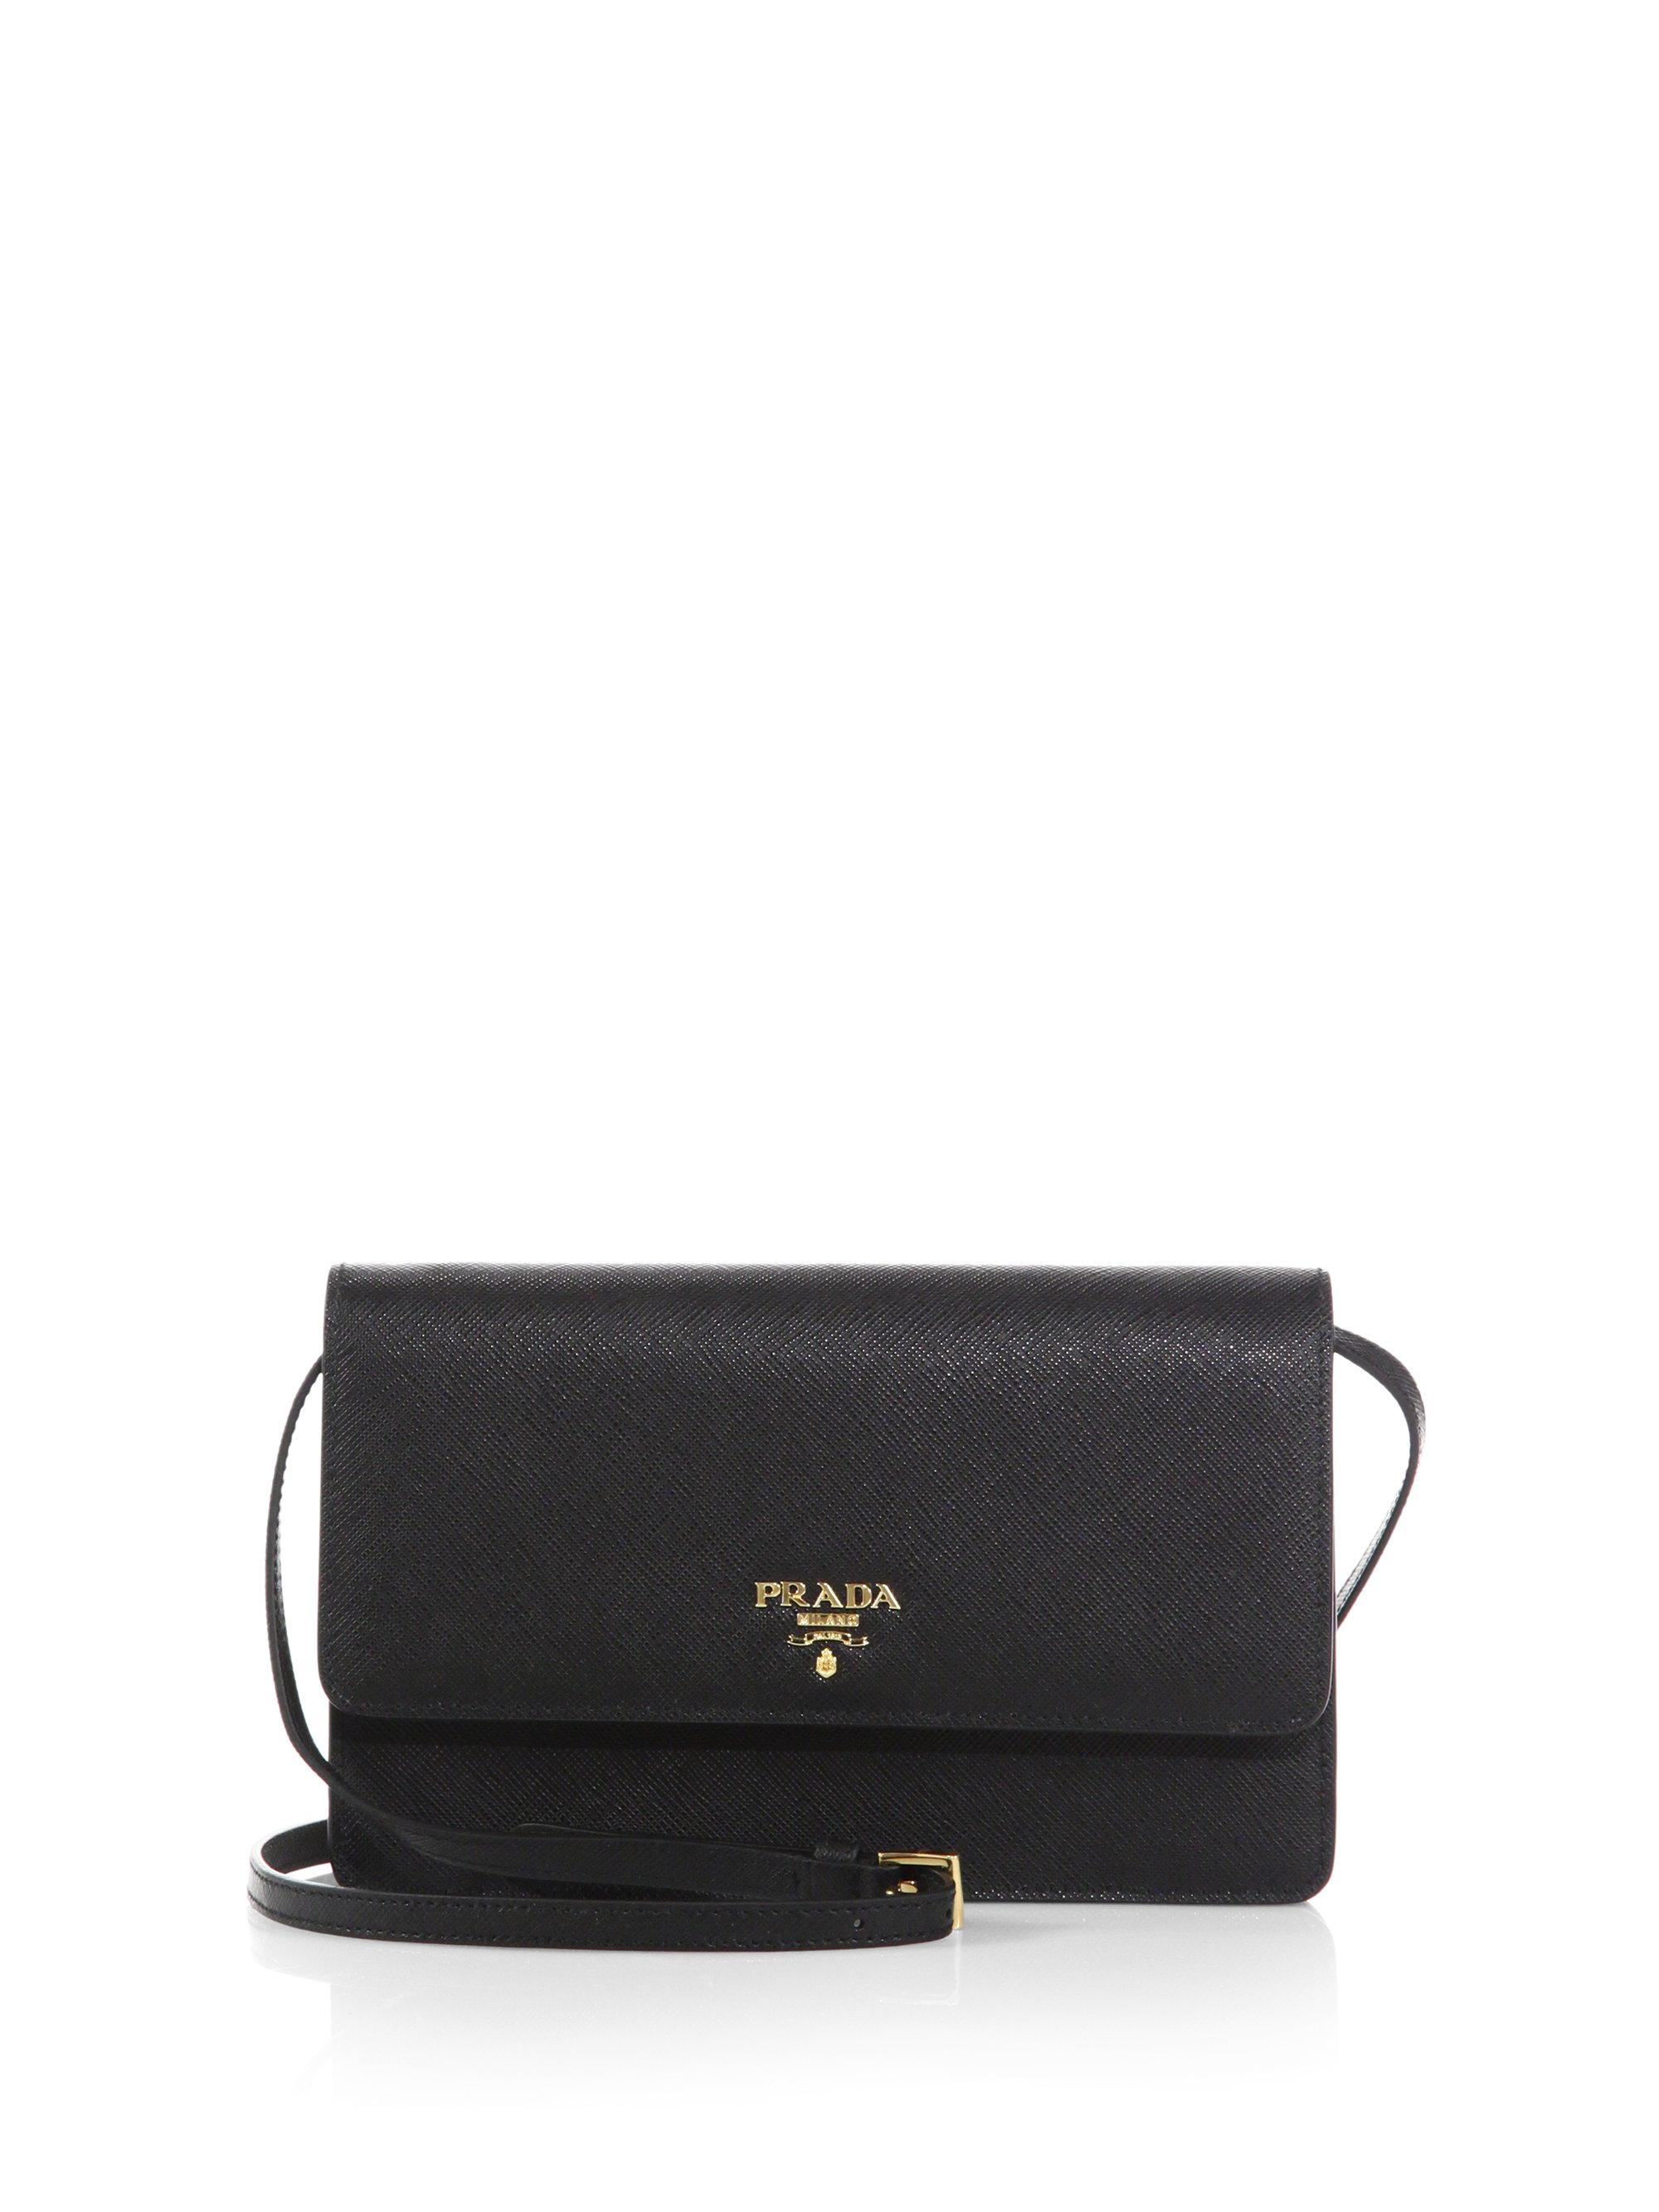 ... closeout lyst prada saffiano lux crossbody bag in black cf80f 6a166 aefb54d944091